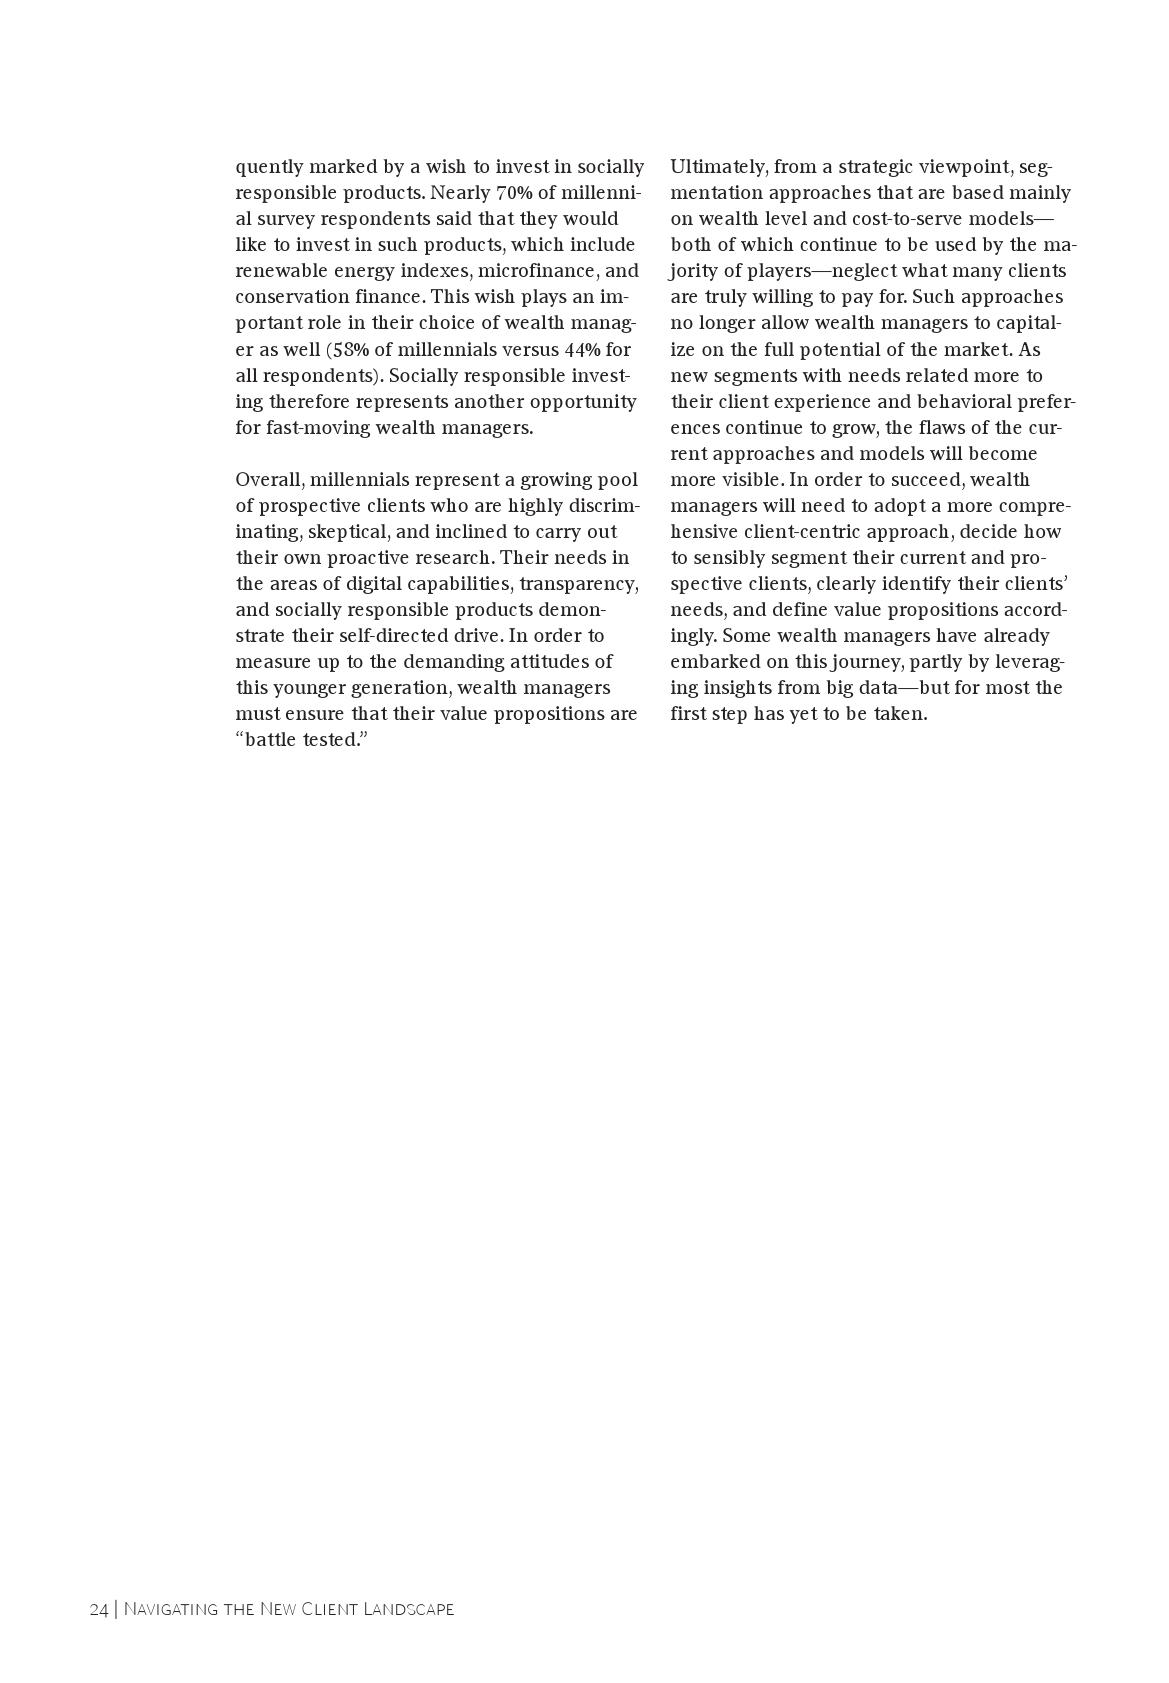 波士顿咨询:全球财富报告2016_000026